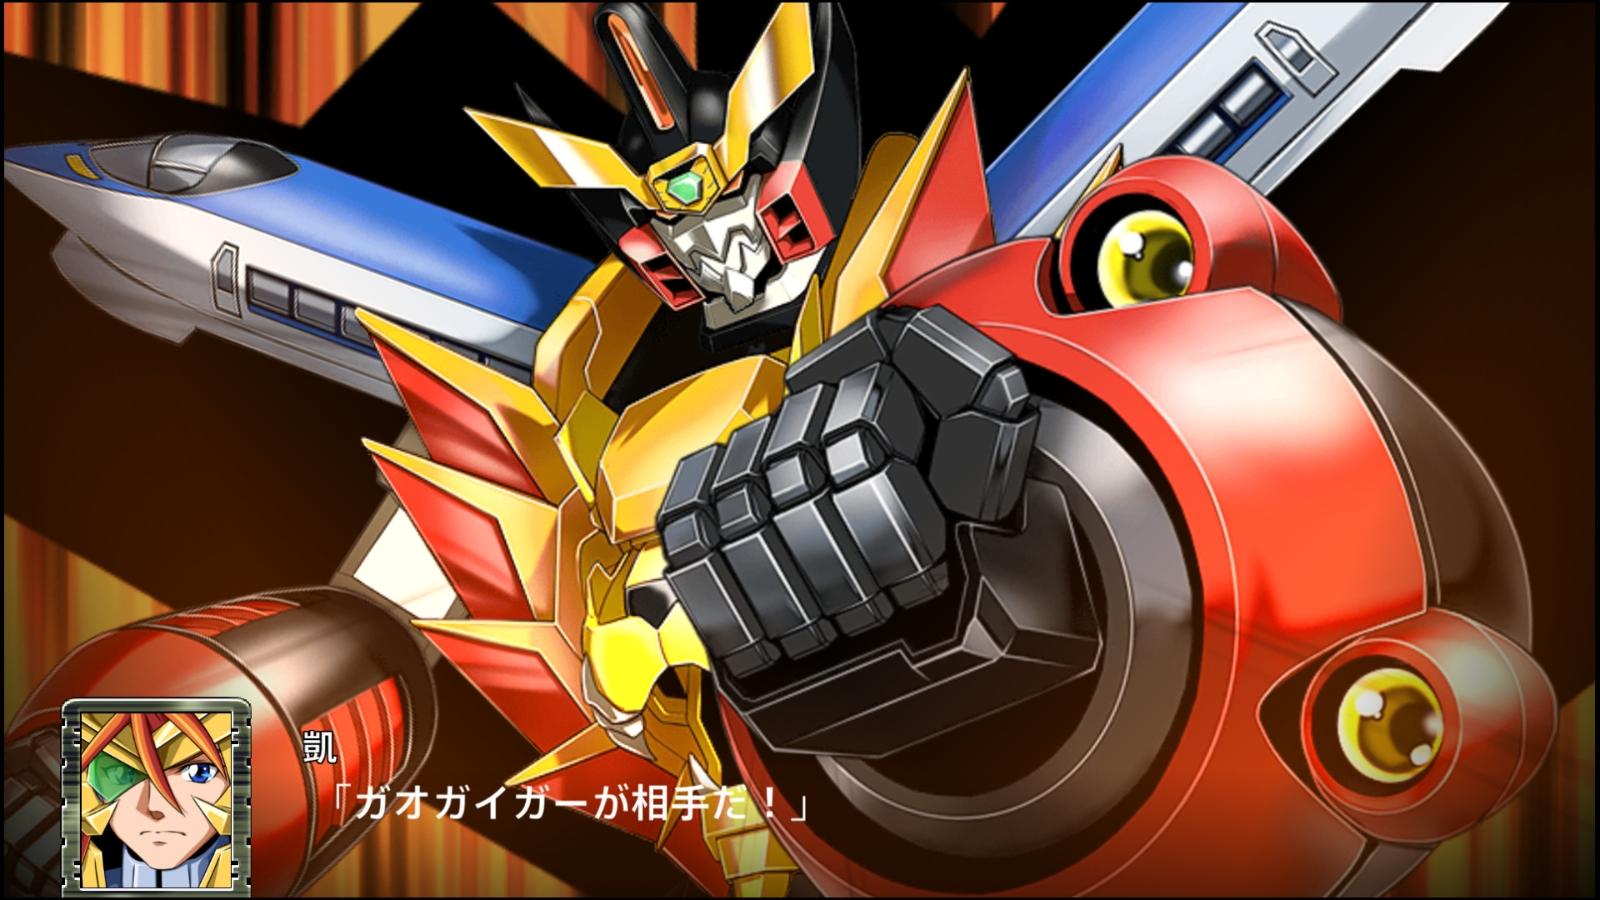 楽天ブックス スーパーロボット大戦t プレミアムアニメソング